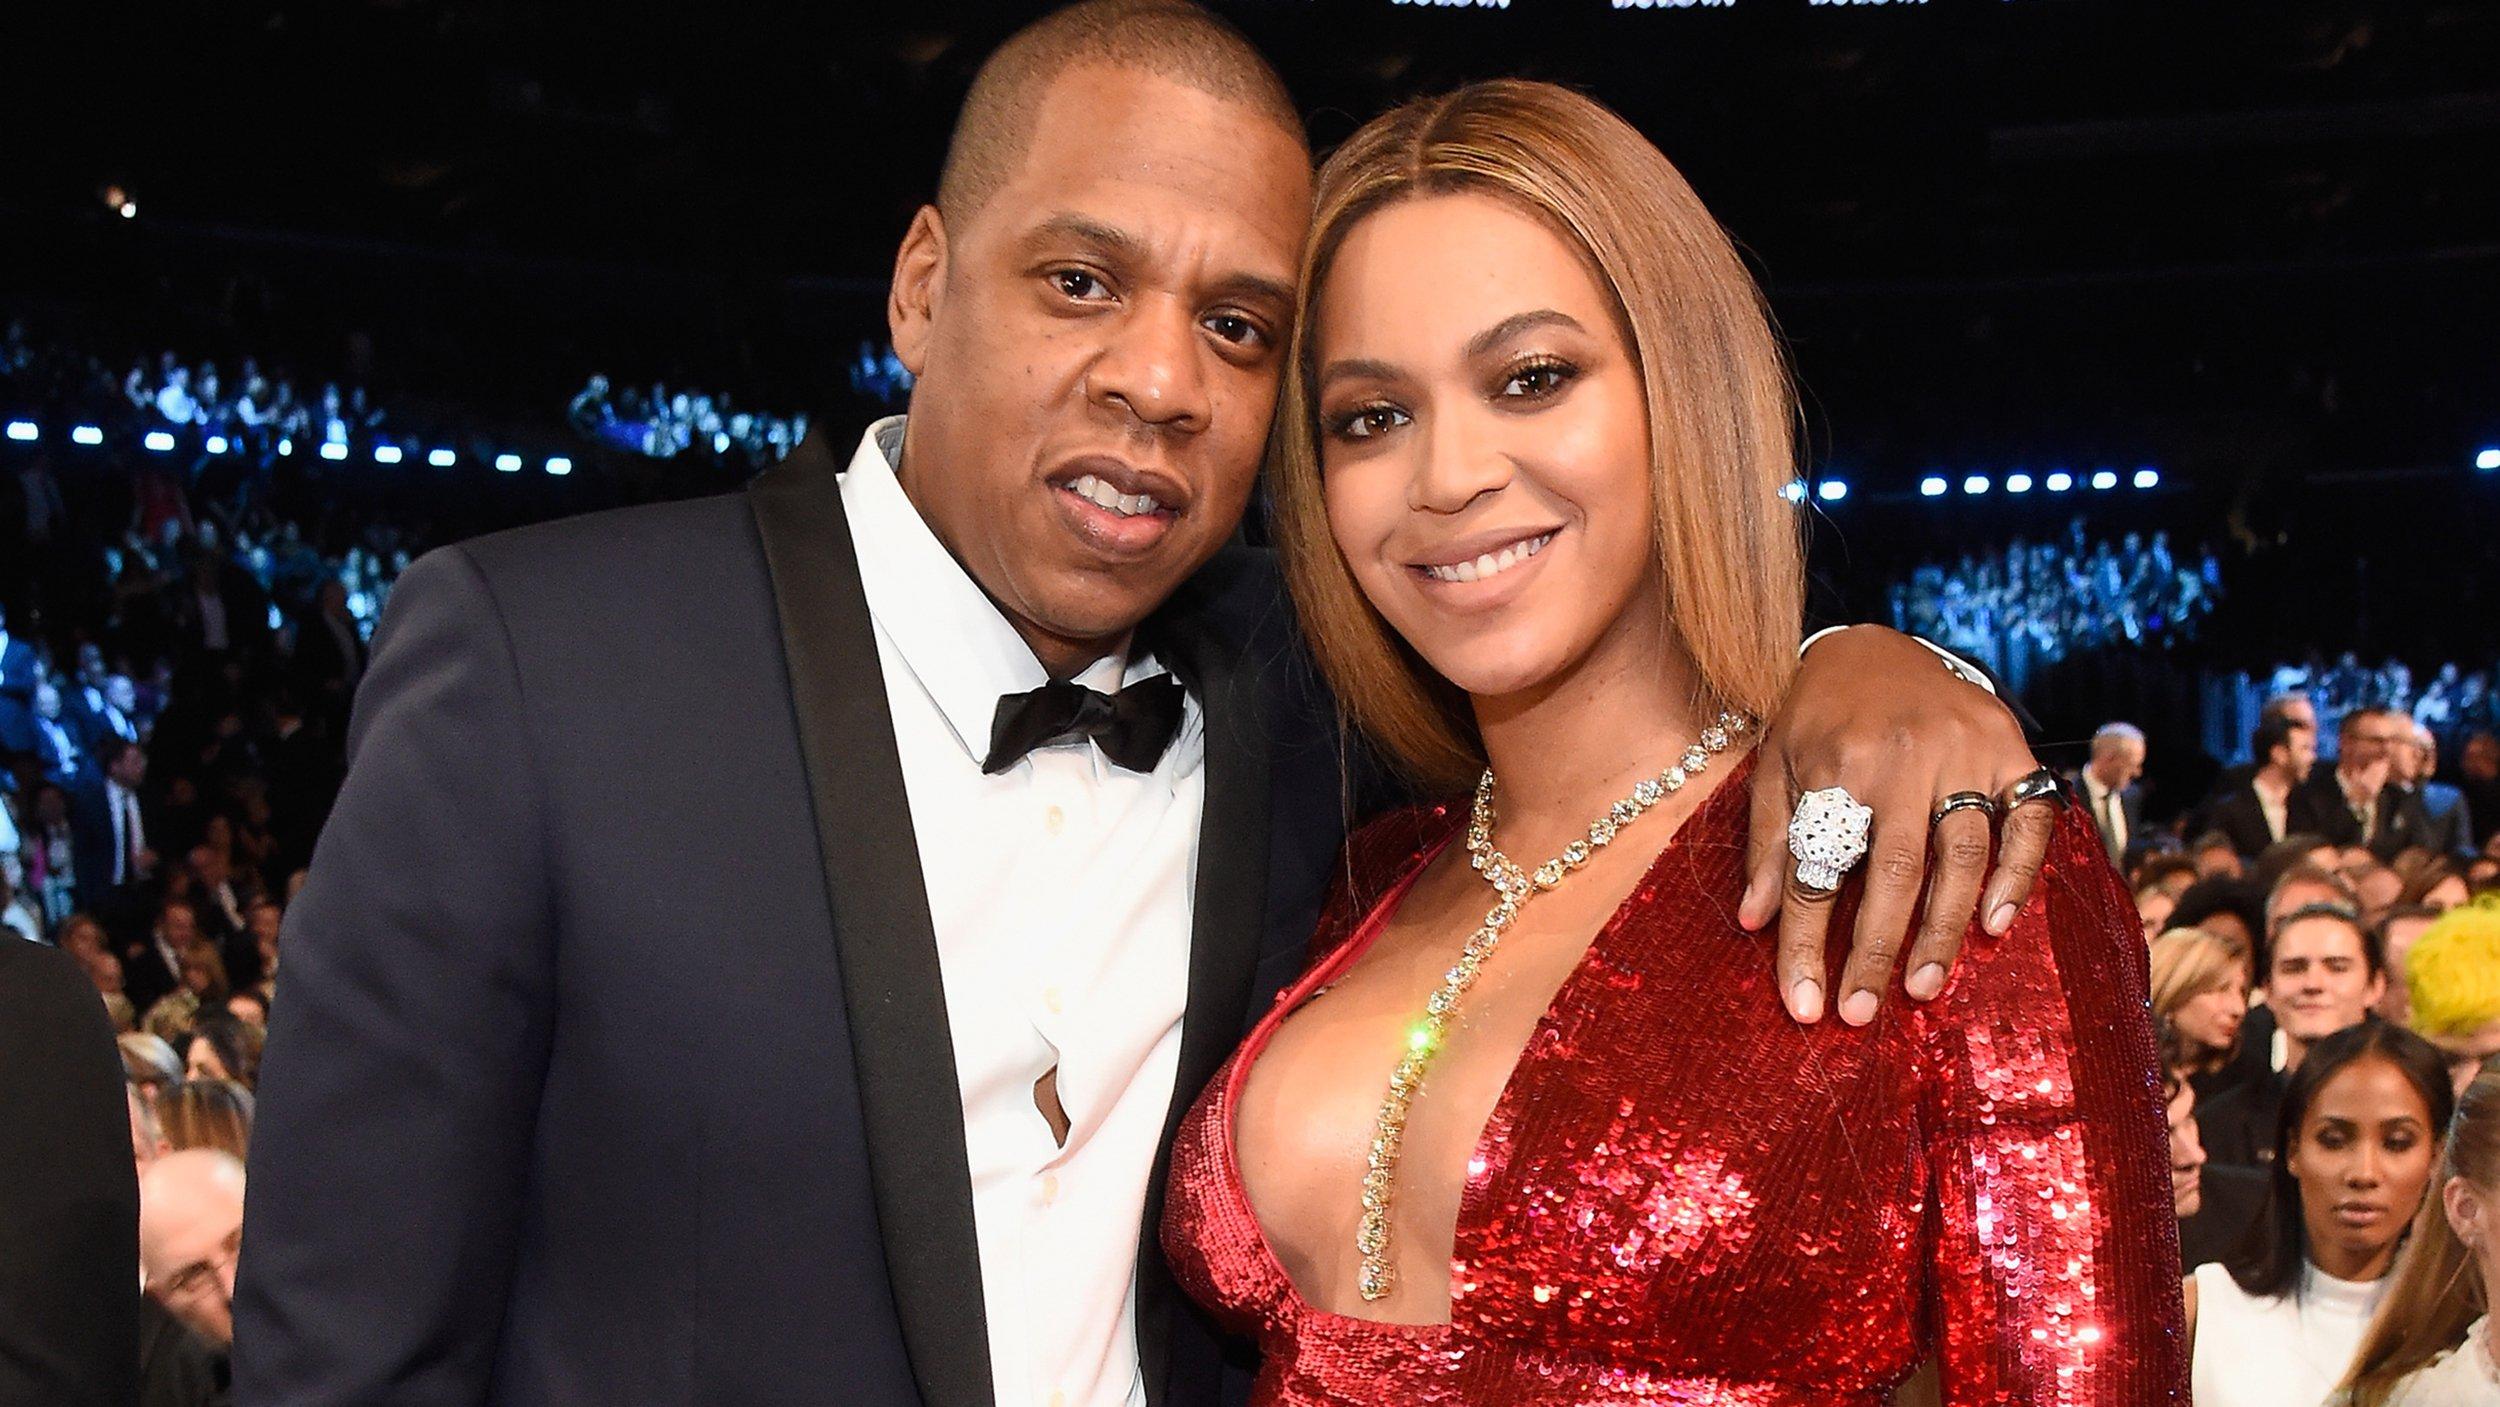 replacement beyonce and jay.jpg?resize=412,232 - Beyoncé e Jay-Z querem gravar clipe novo no Coliseu, mas foram rejeitados na primeira tentativa